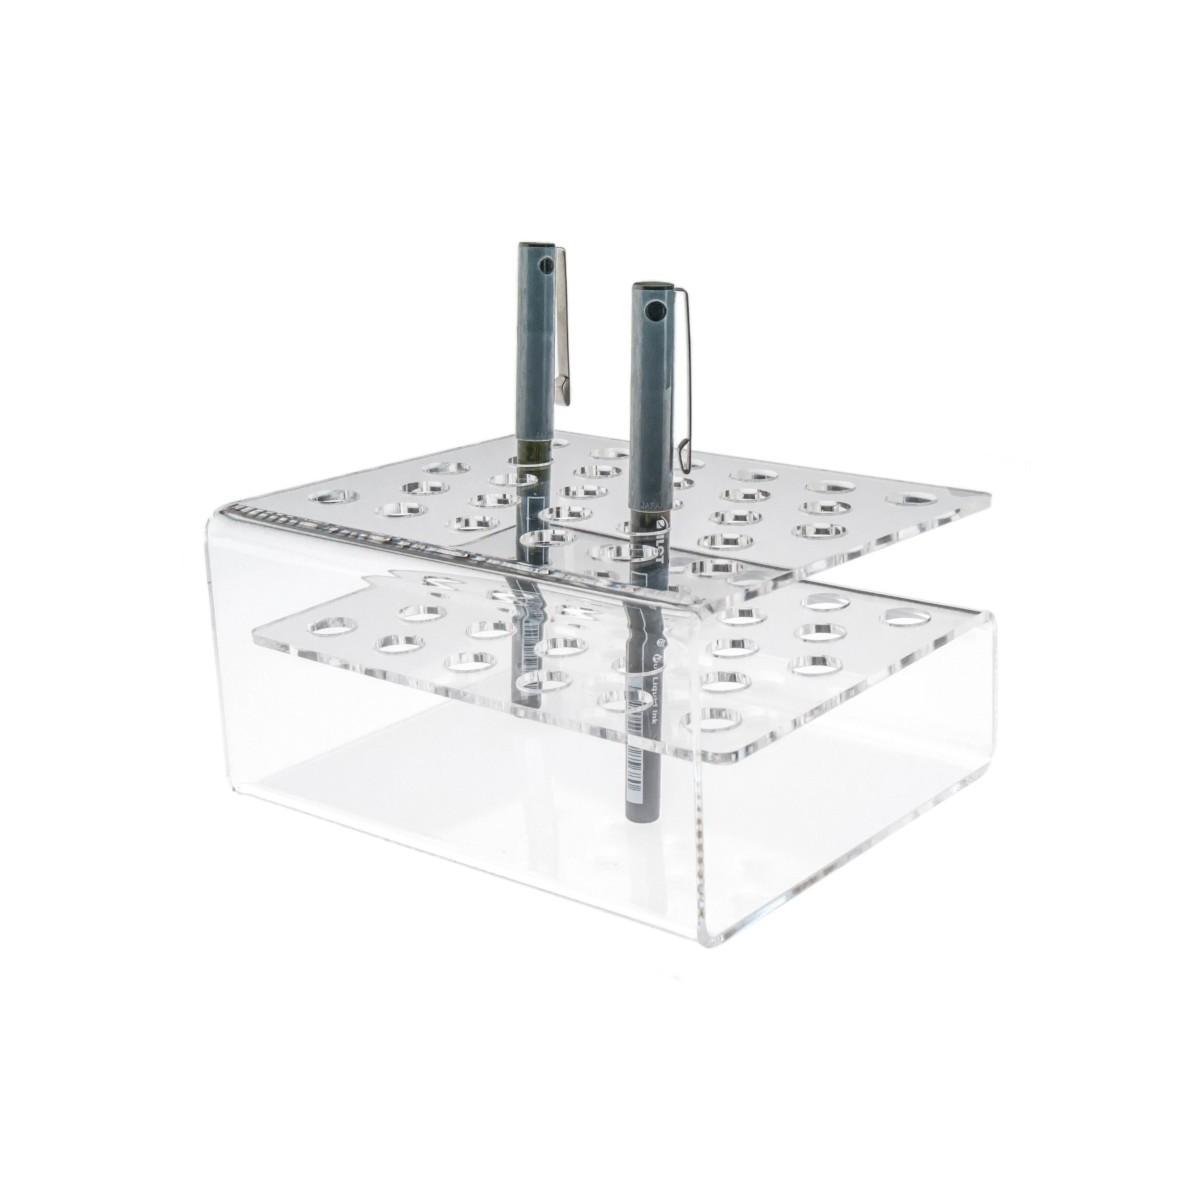 E-130 EPE - Portapenne in plexiglass trasparente a 28 postazioni - Misura: 16x13x H8 cm